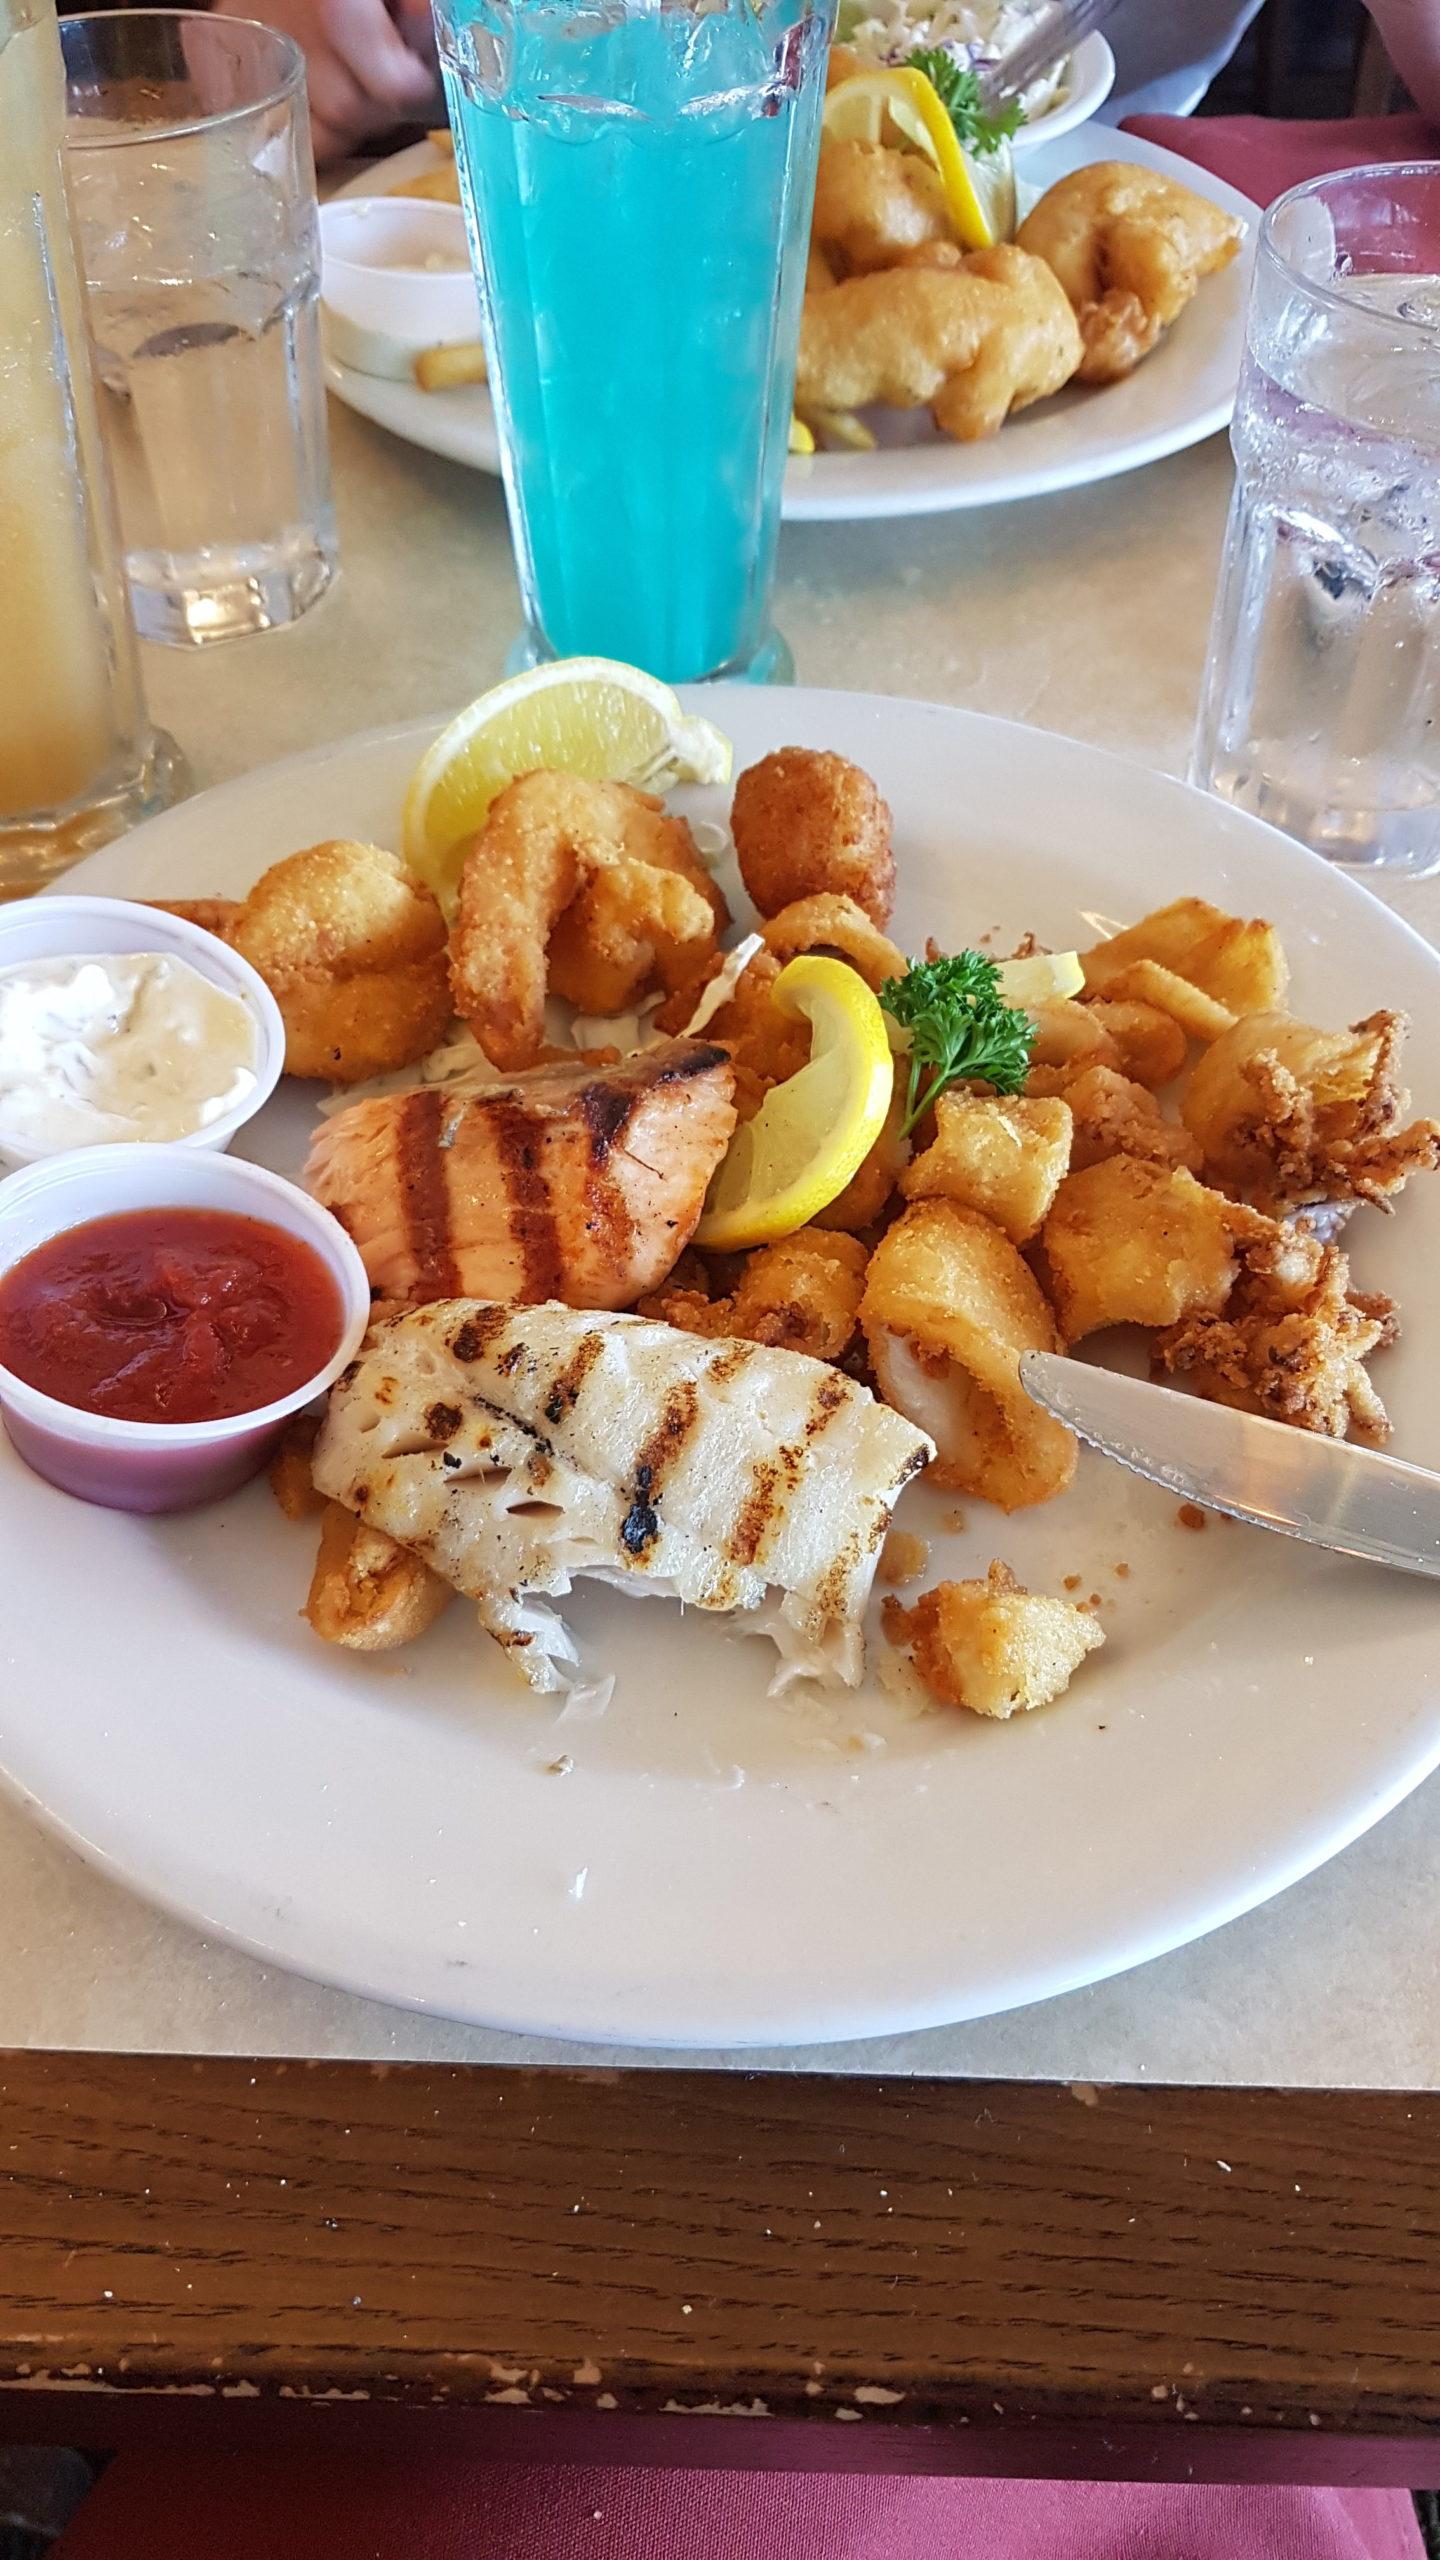 Plateau de poissons pour moi, j'avais pas fait gaffe sur le menu que presque tout était frit !